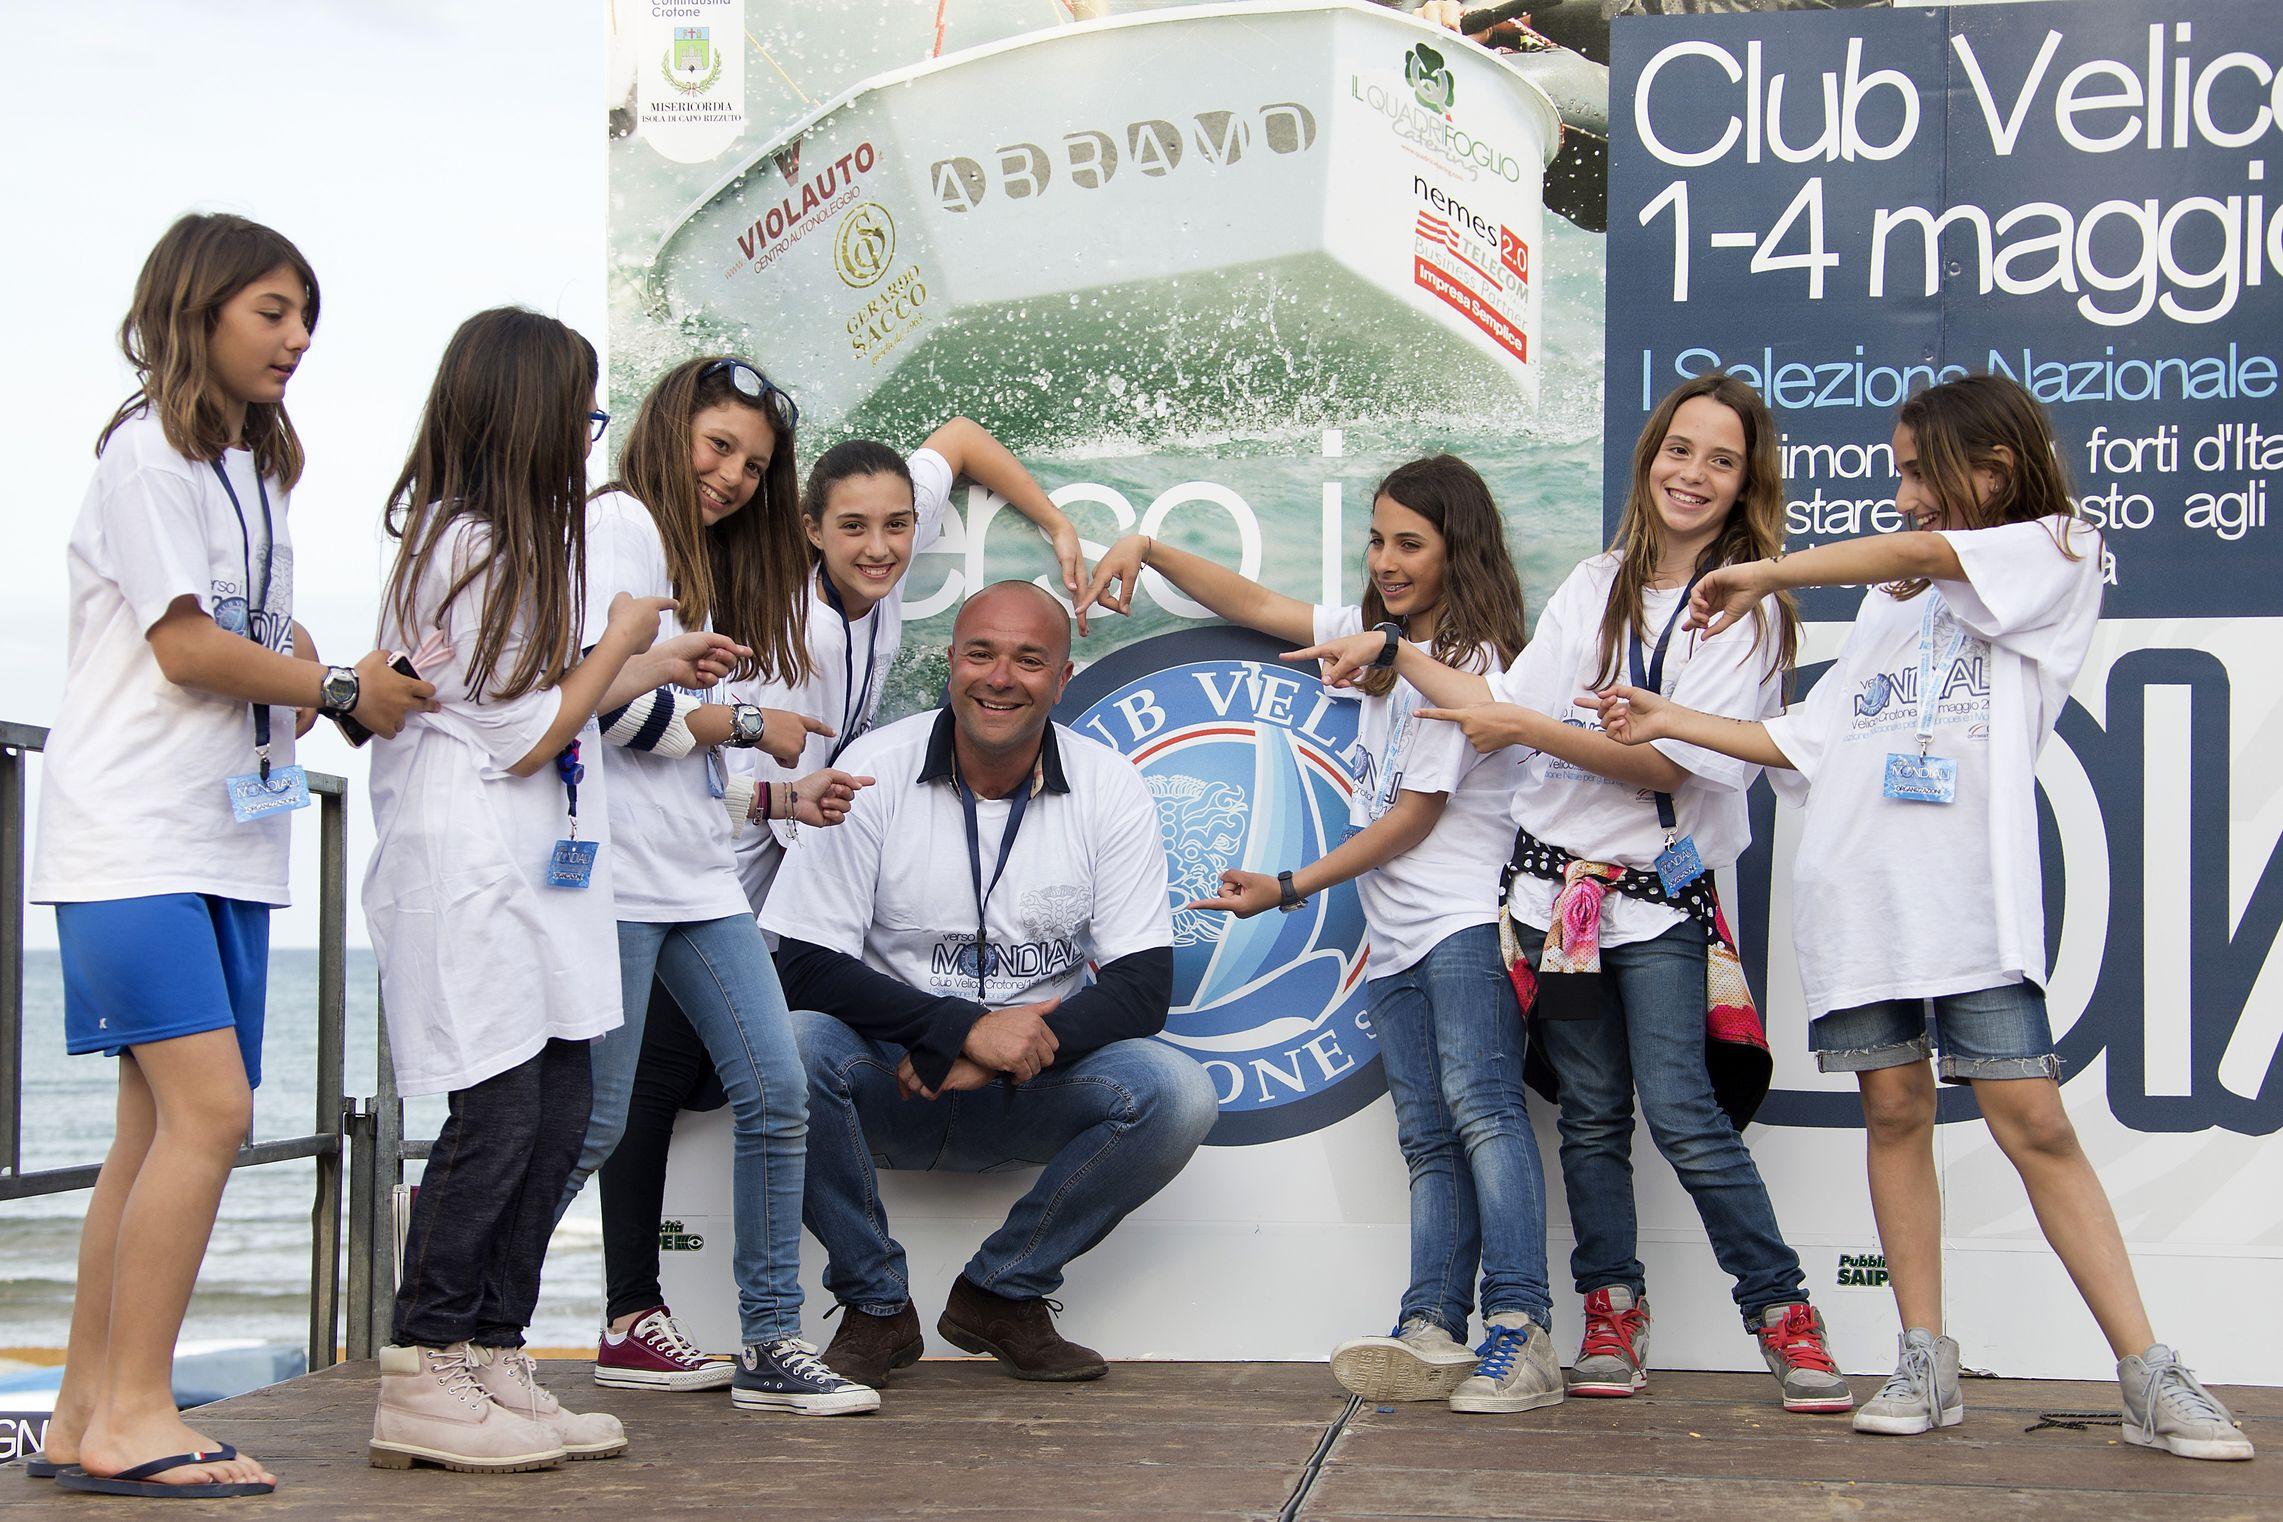 Club-Velico-Crotone-Selezione-Nazionale-Optimist-2014-3